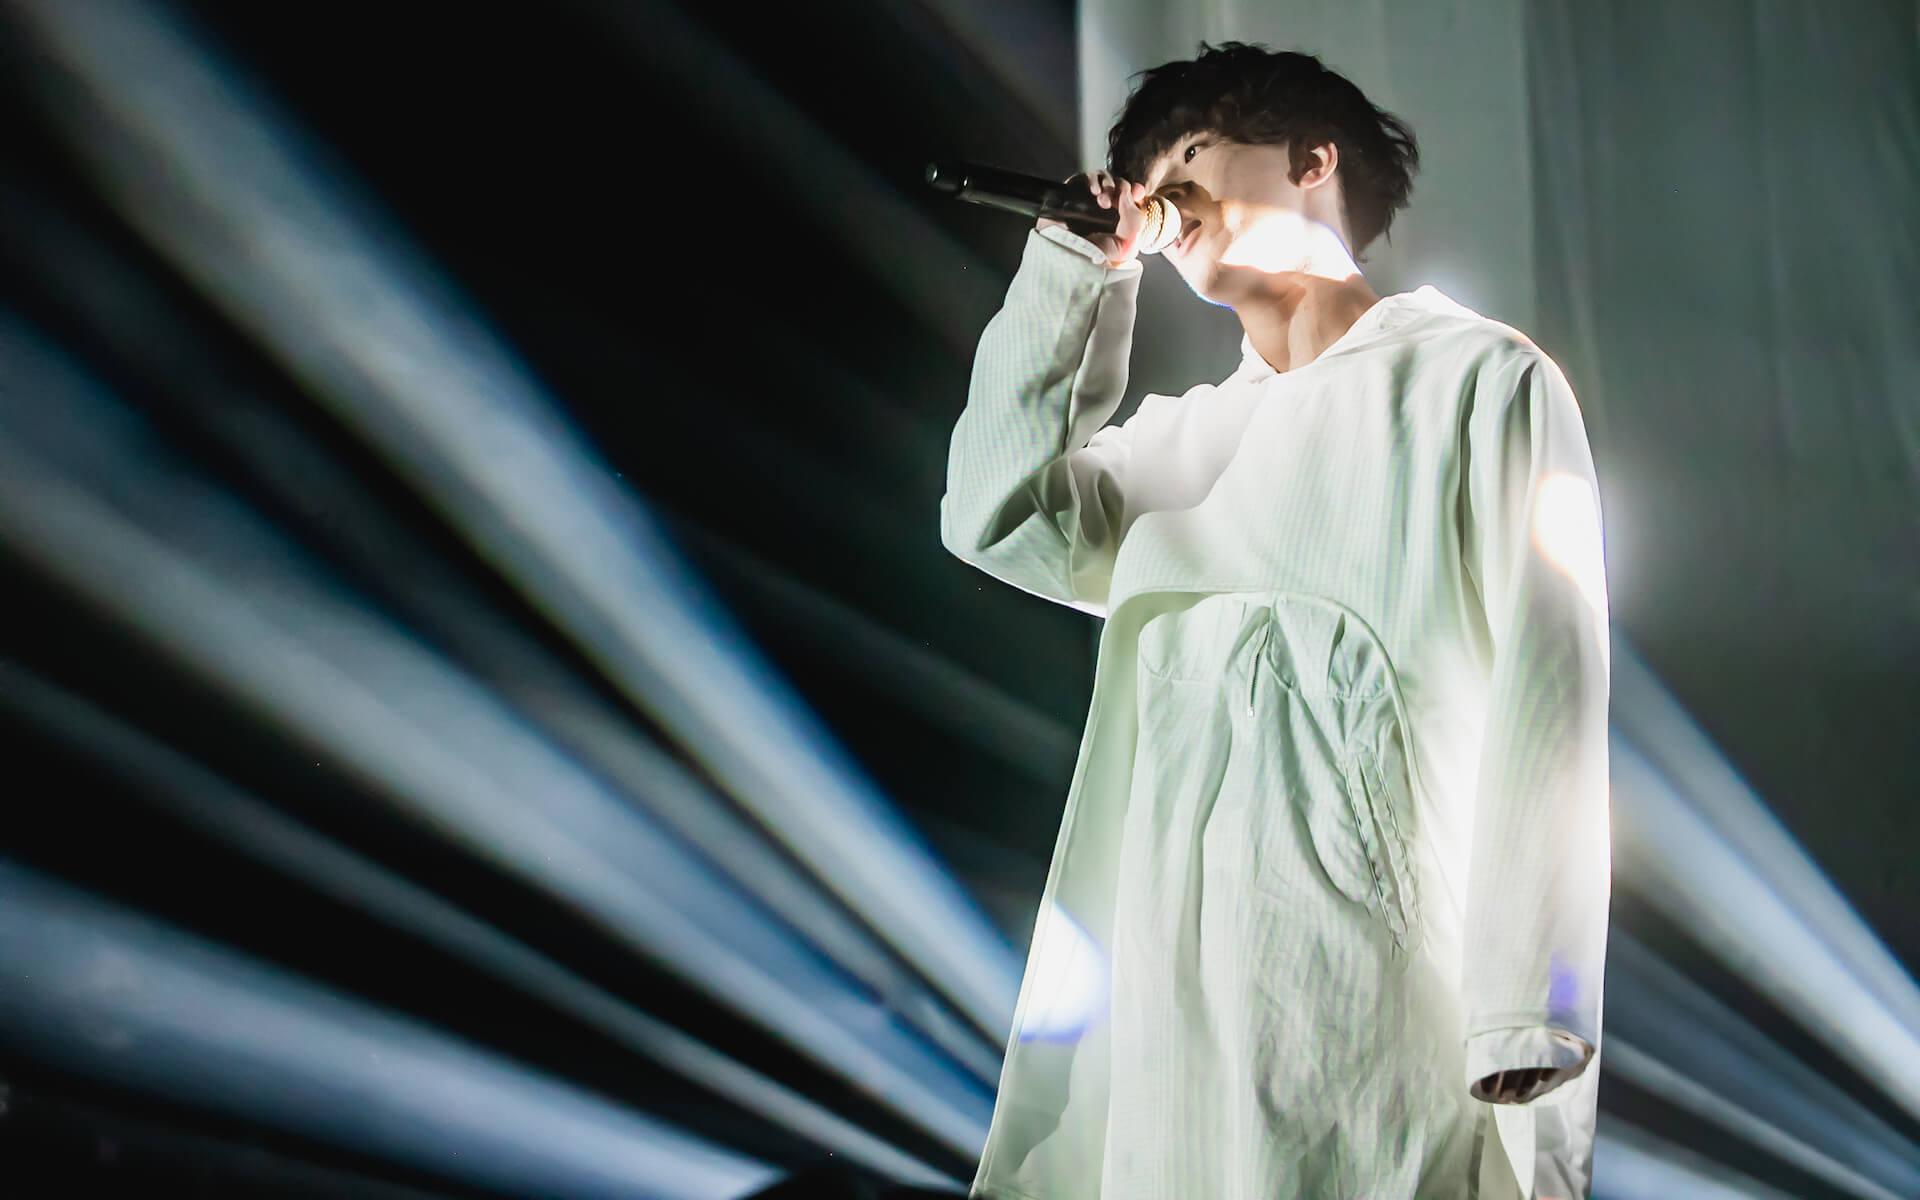 """クボタカイが1stアルバム発売記念ツアーを全国4都市完走!ファイナルで新曲""""エックスフレンド""""のリリースも発表 music210917_kubotakai_tour_010"""